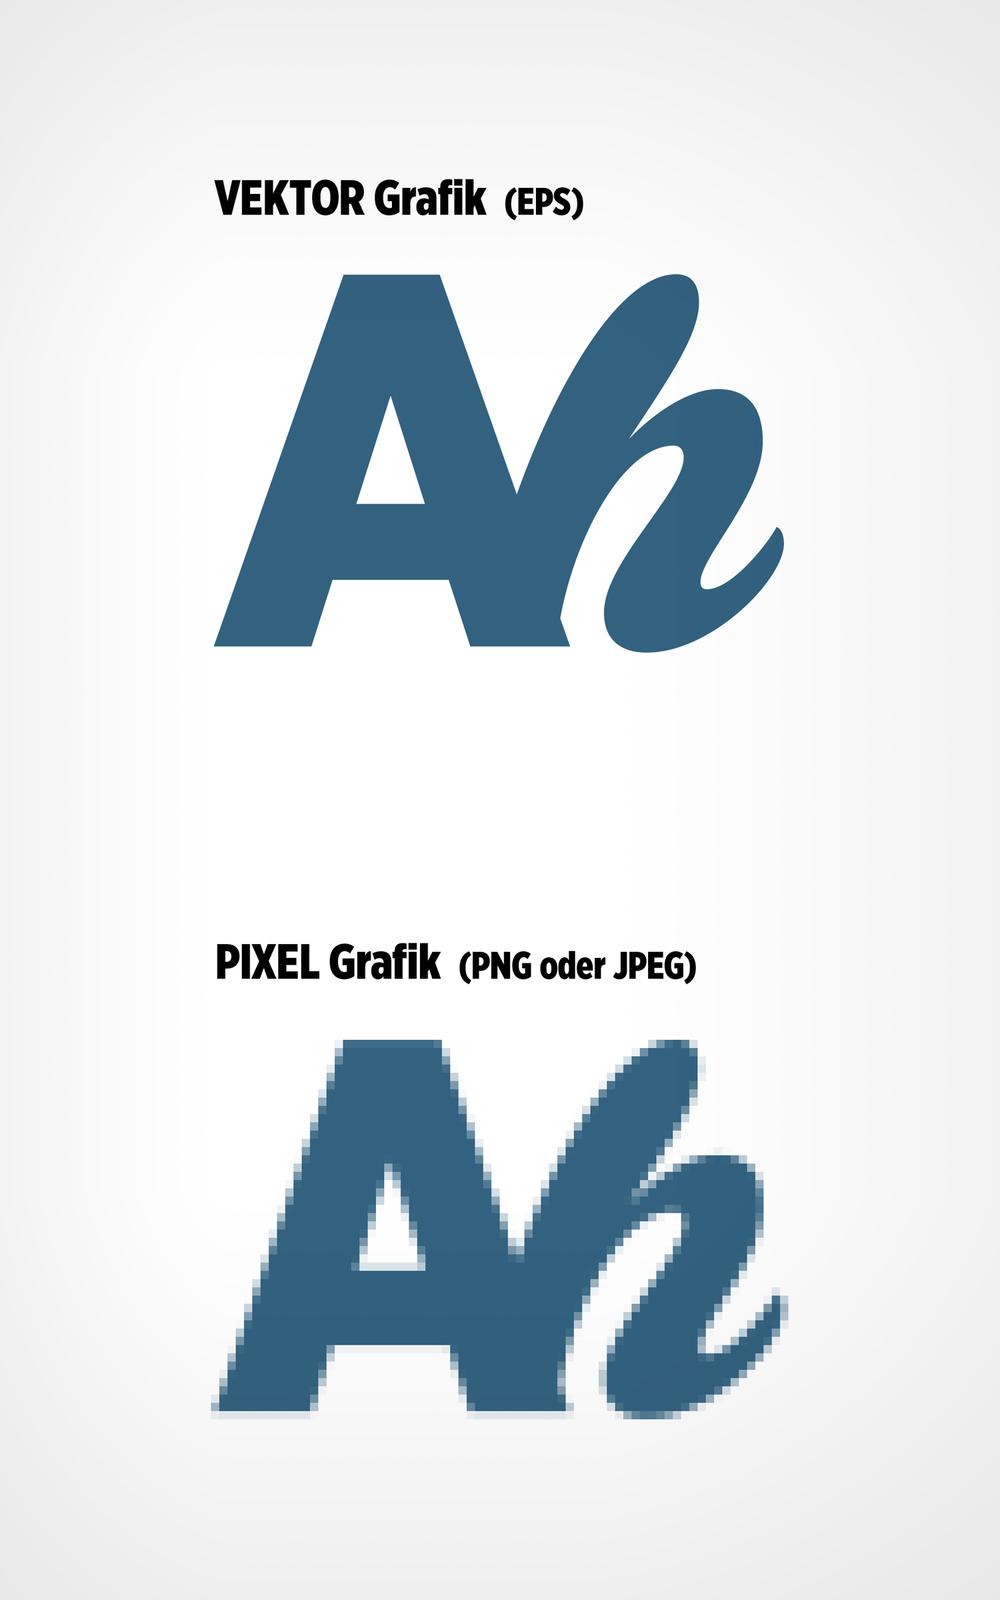 Pixelgrafik-vs-Vektorgrafik_002.jpg